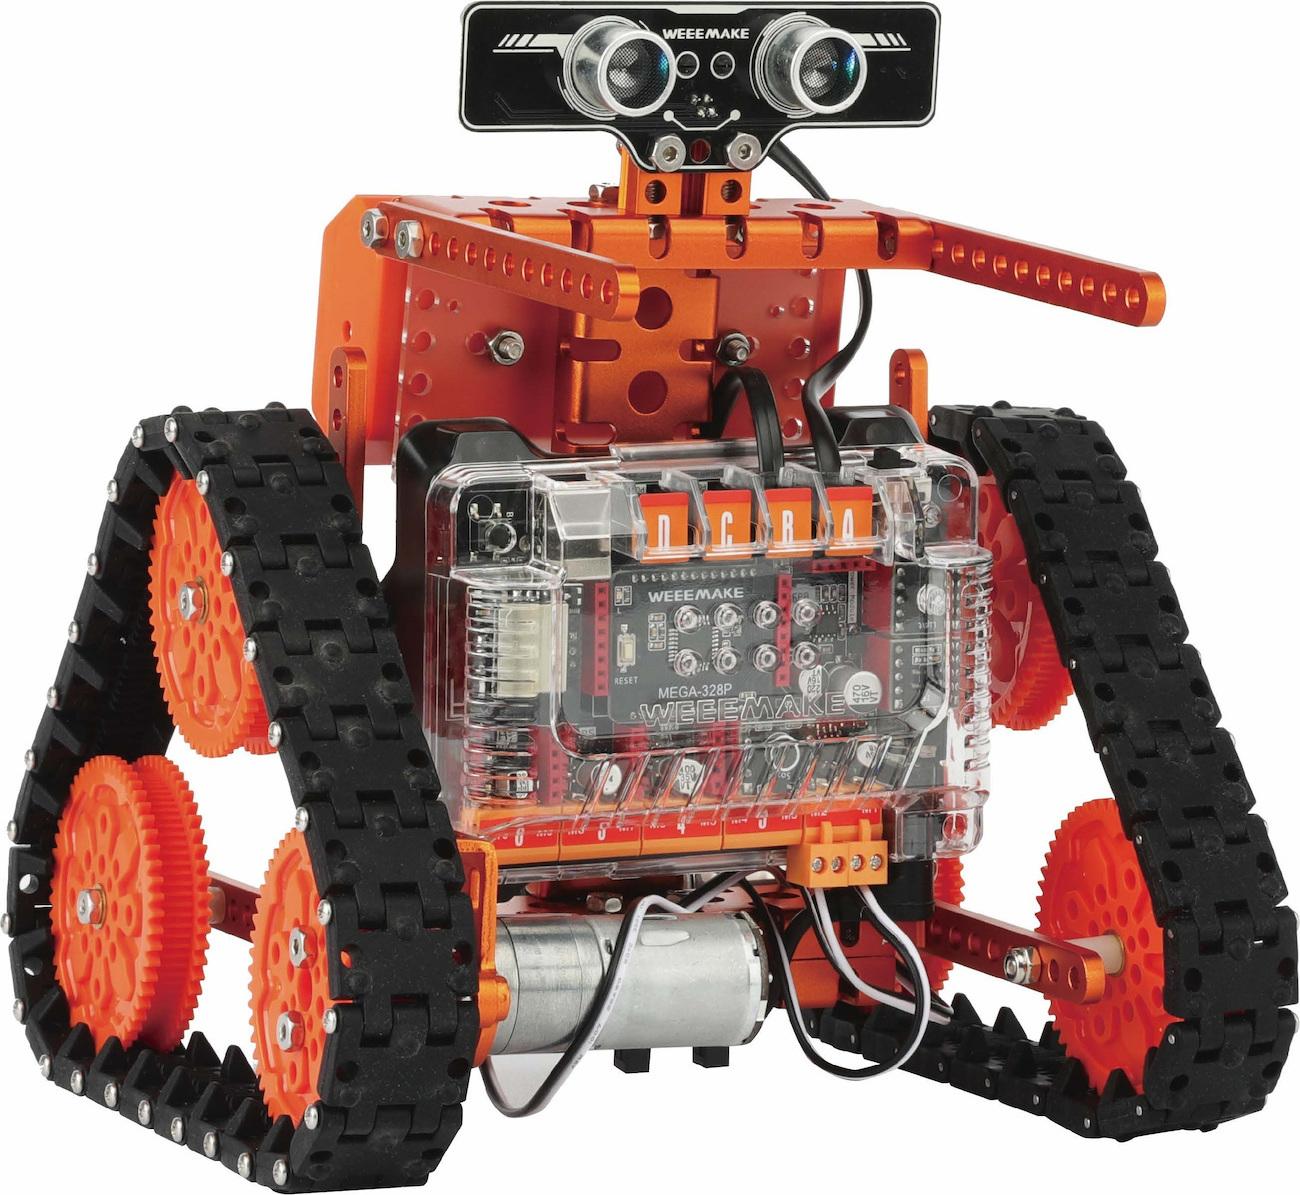 WeeeMake - WeeeMake - WeeeBot 6-in-1 Evolution STEM - Κιτ ρομποτικής και προγραμματισμού